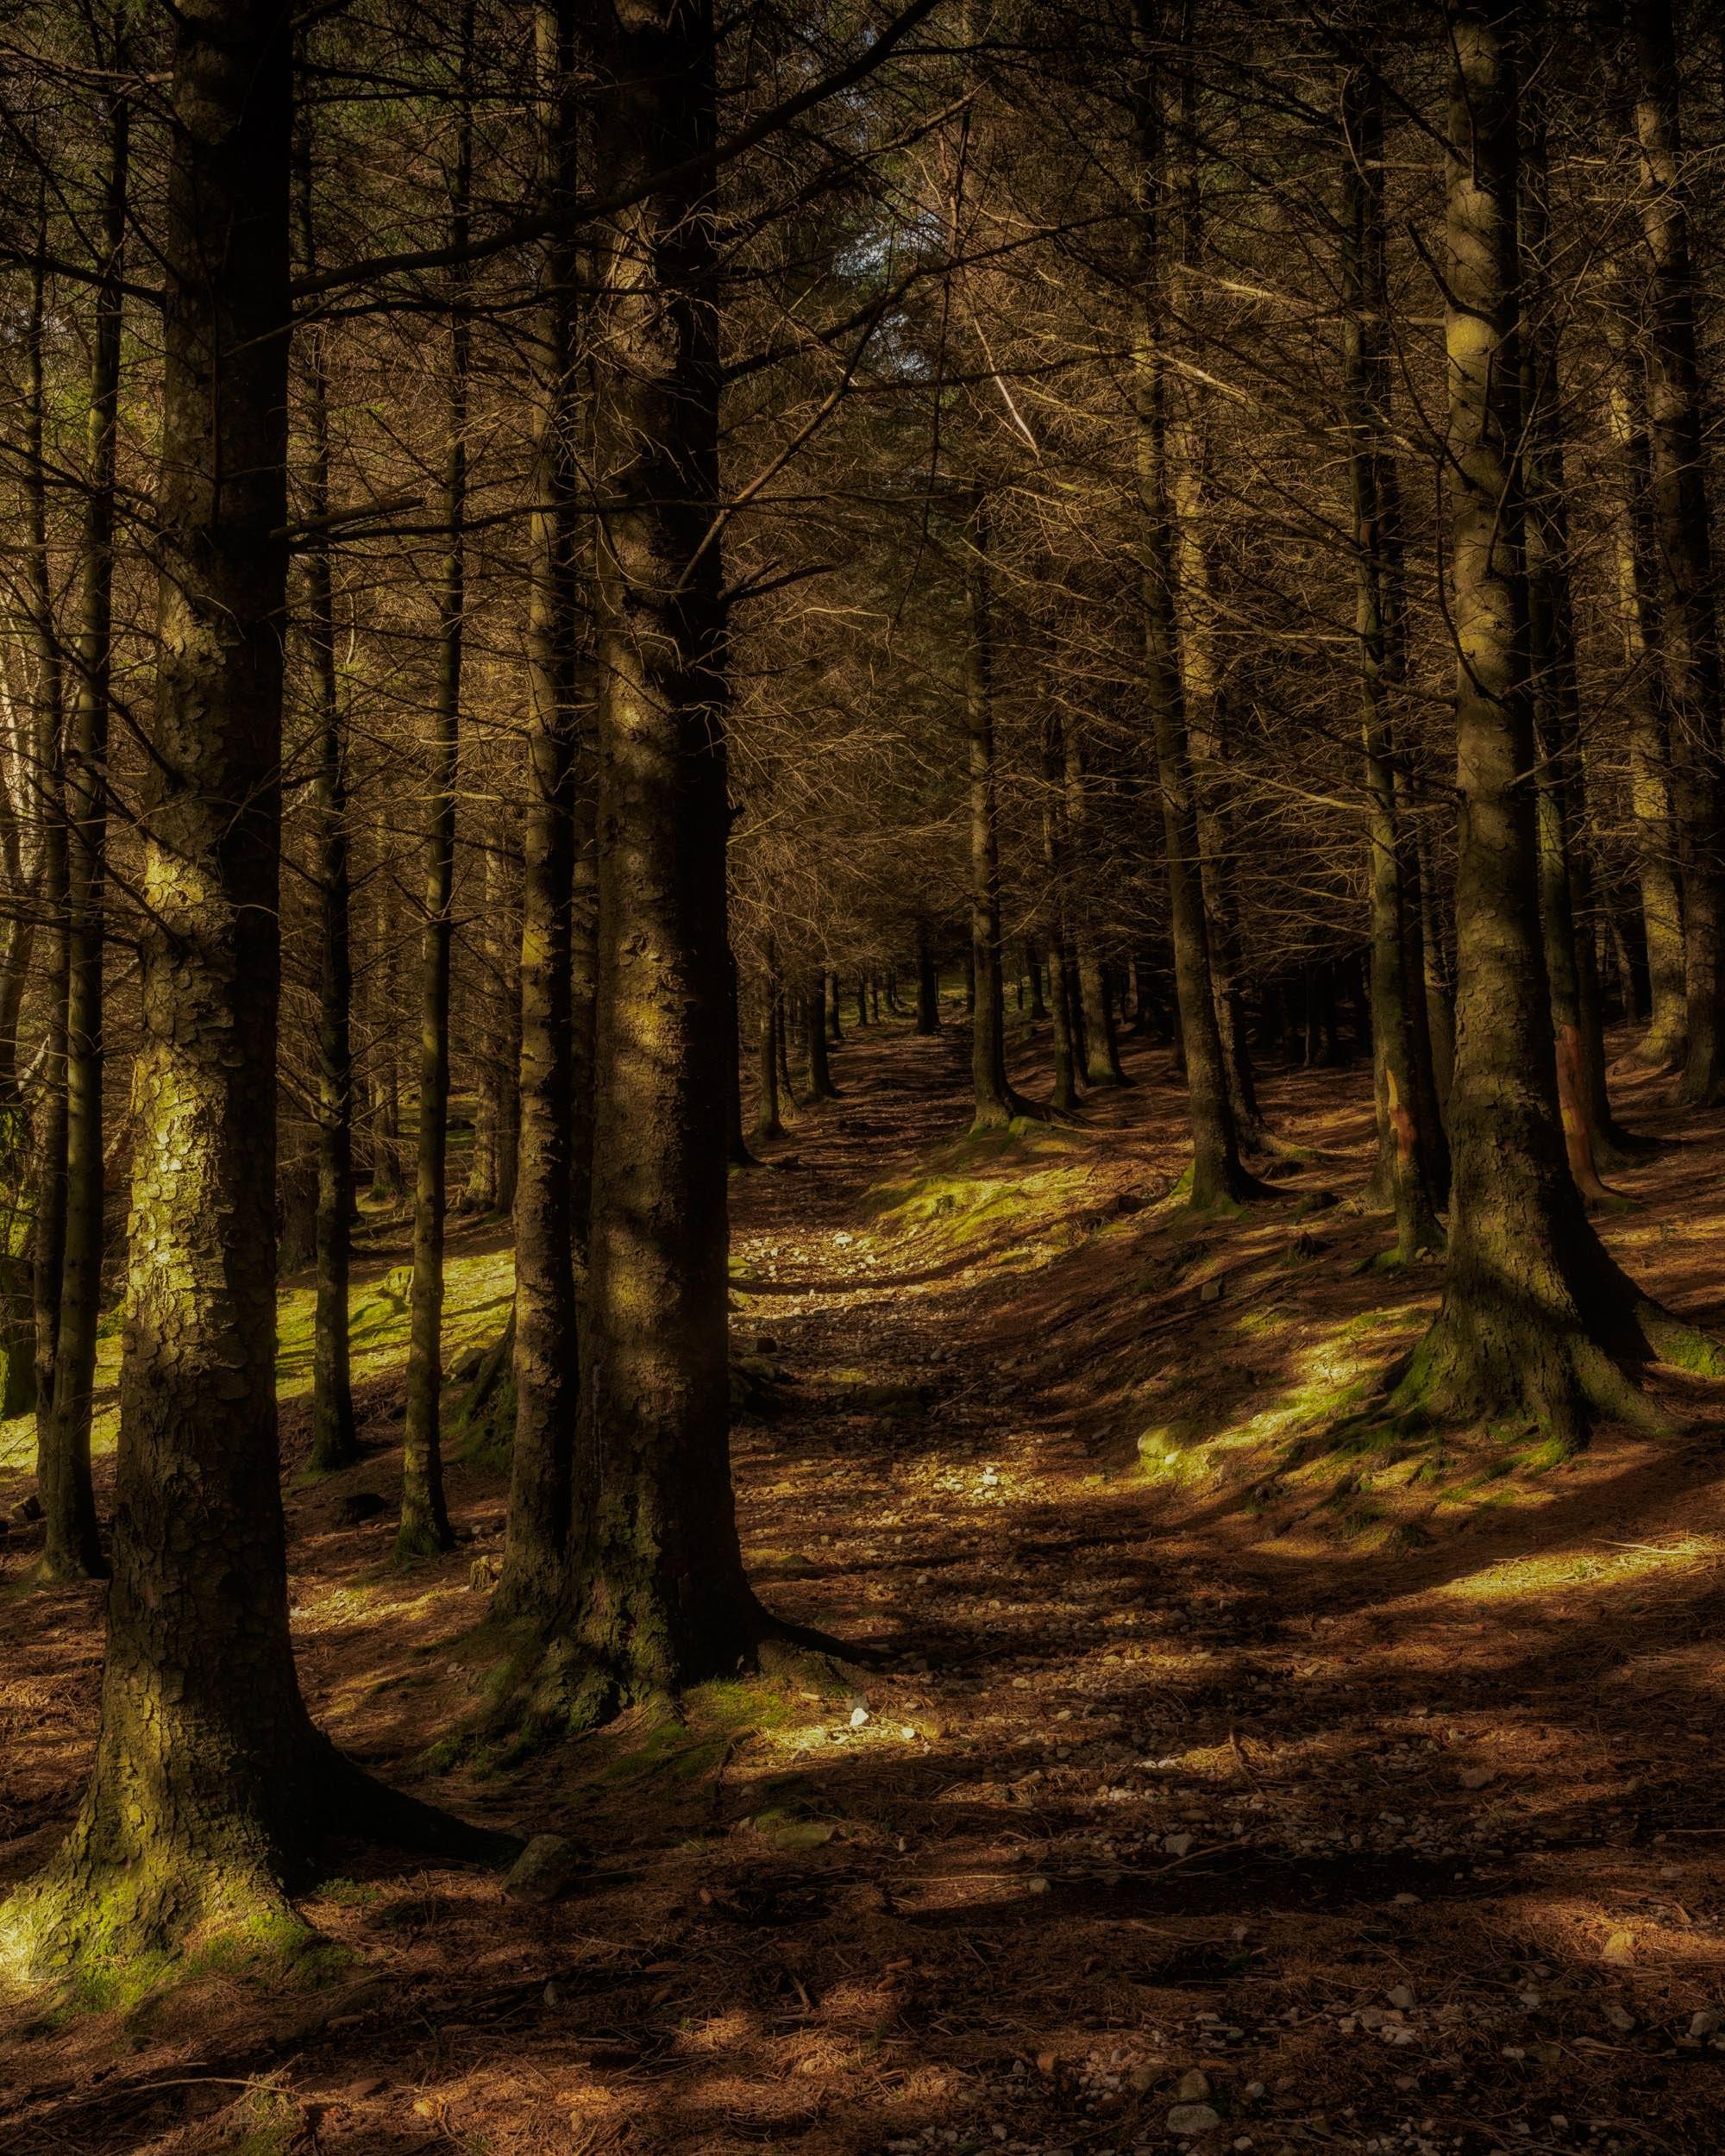 Blea Tarn Woods